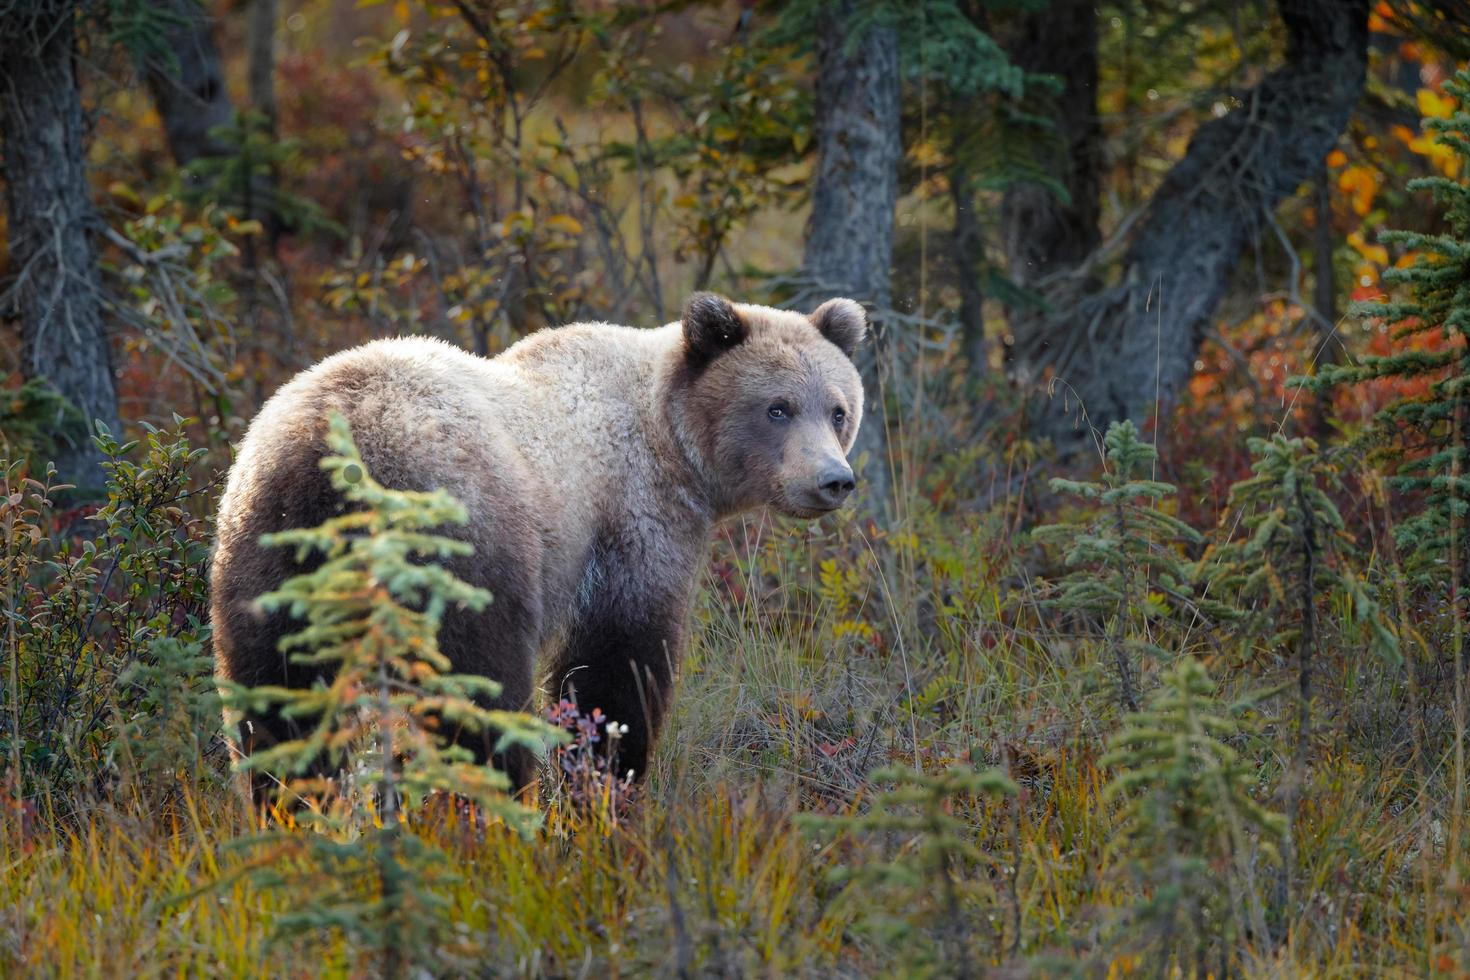 Grizzle Bär in der Natur von Alaska foto